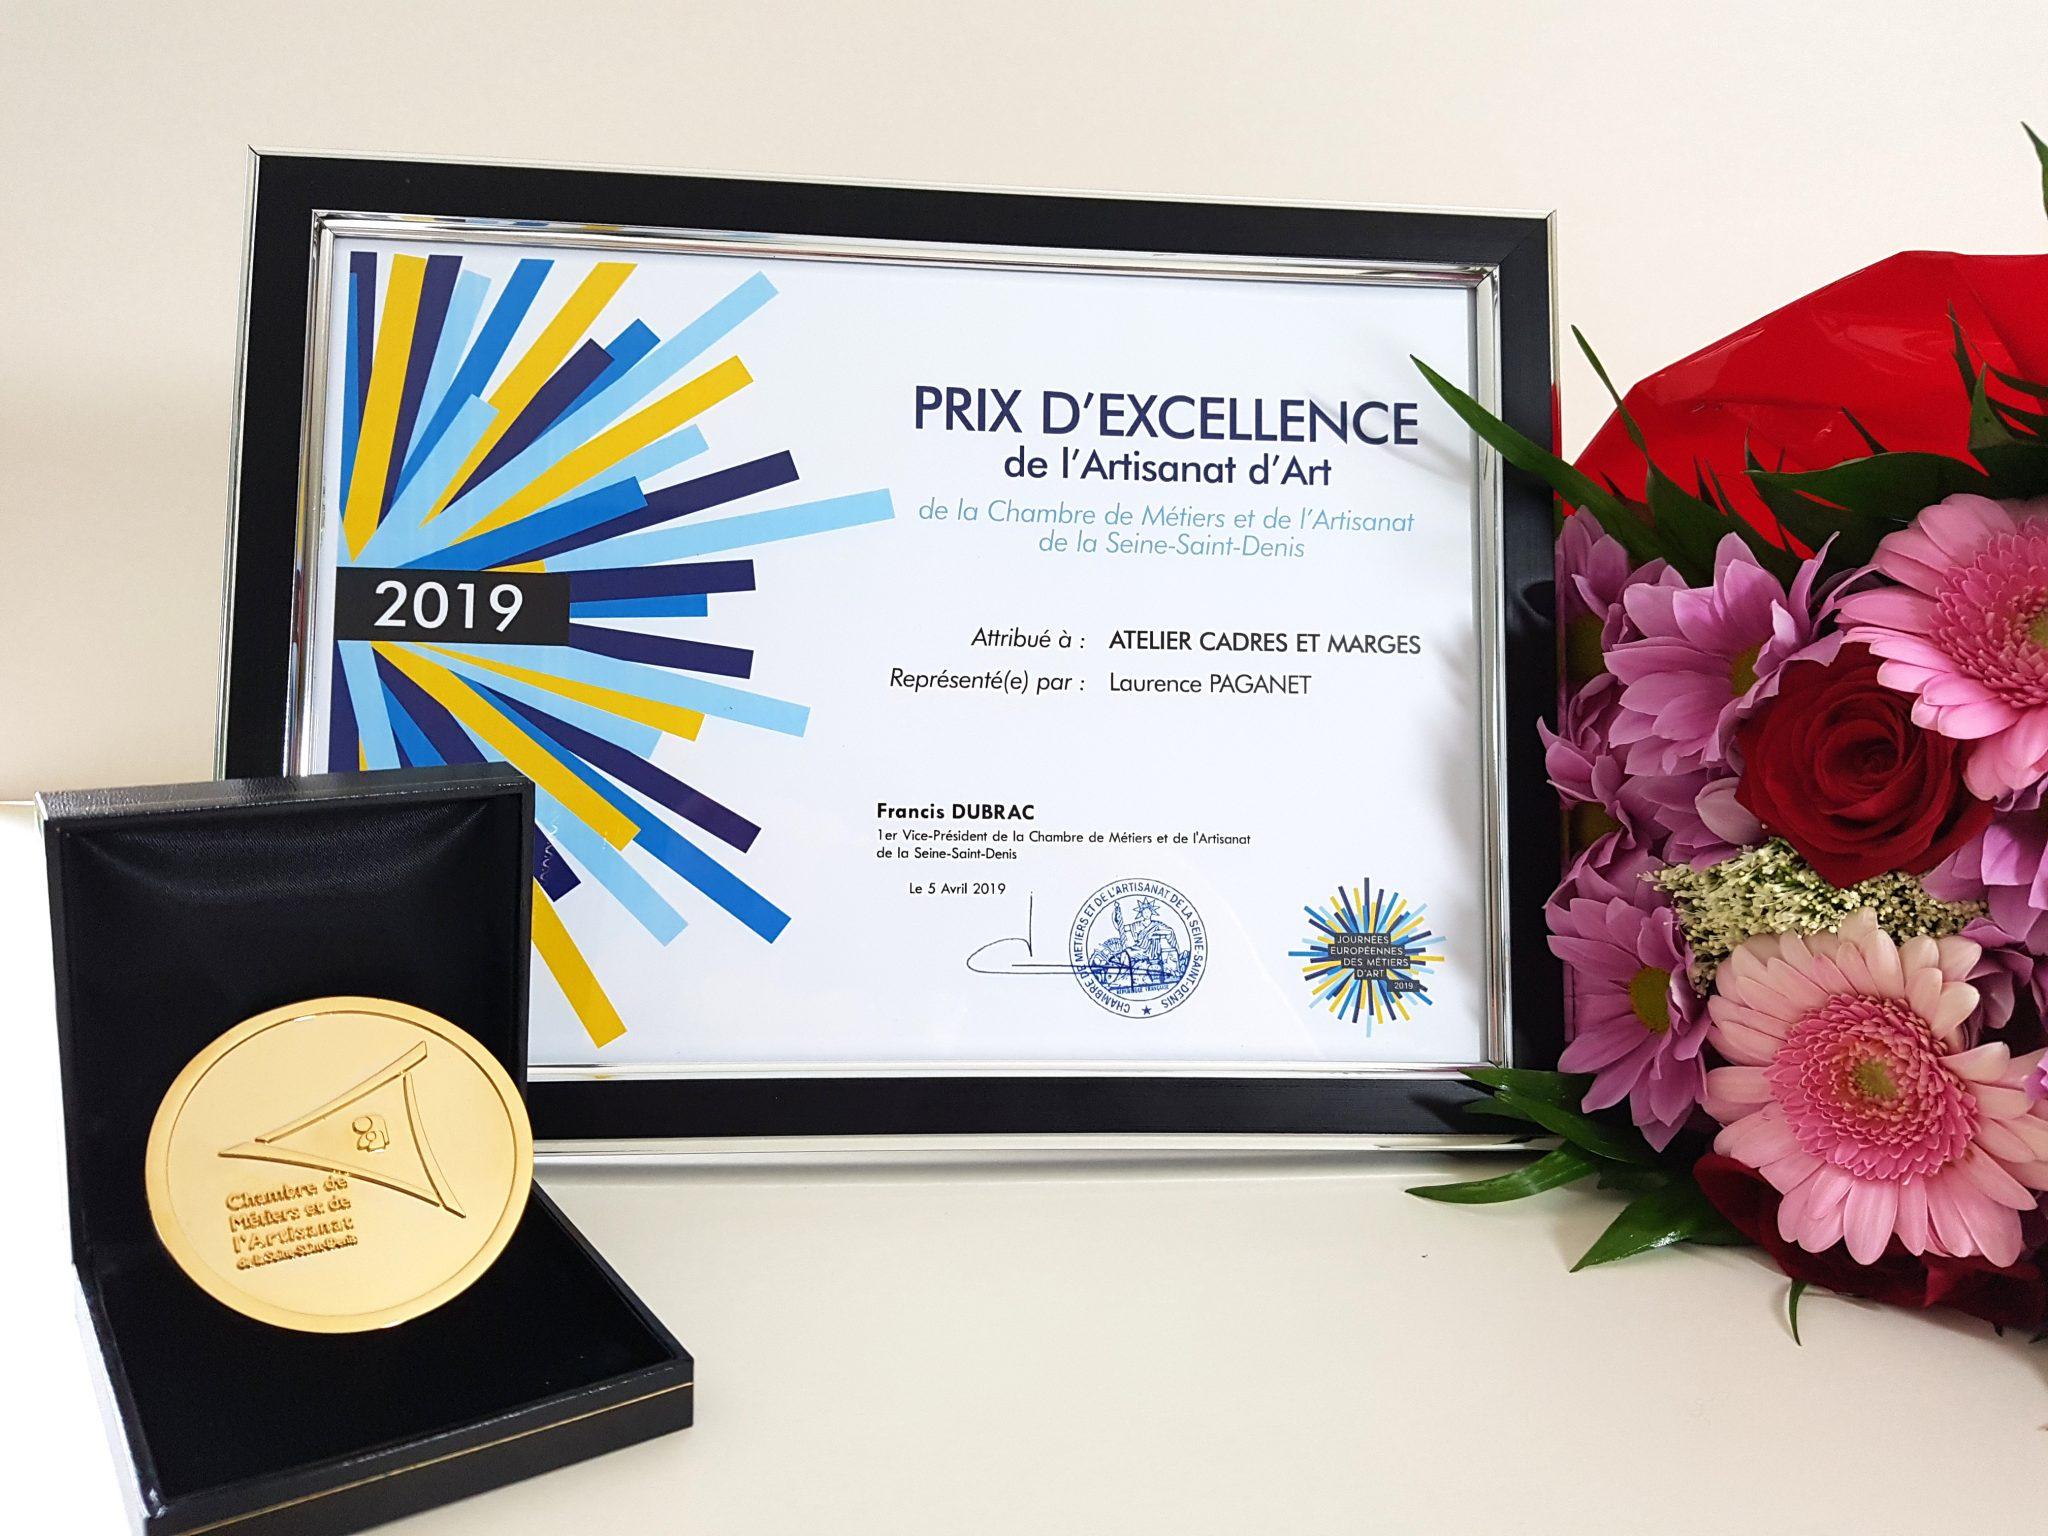 L'Atelier a reçu un prix d'excellence lors des journées européennes des métiers d'art en avril 2019.